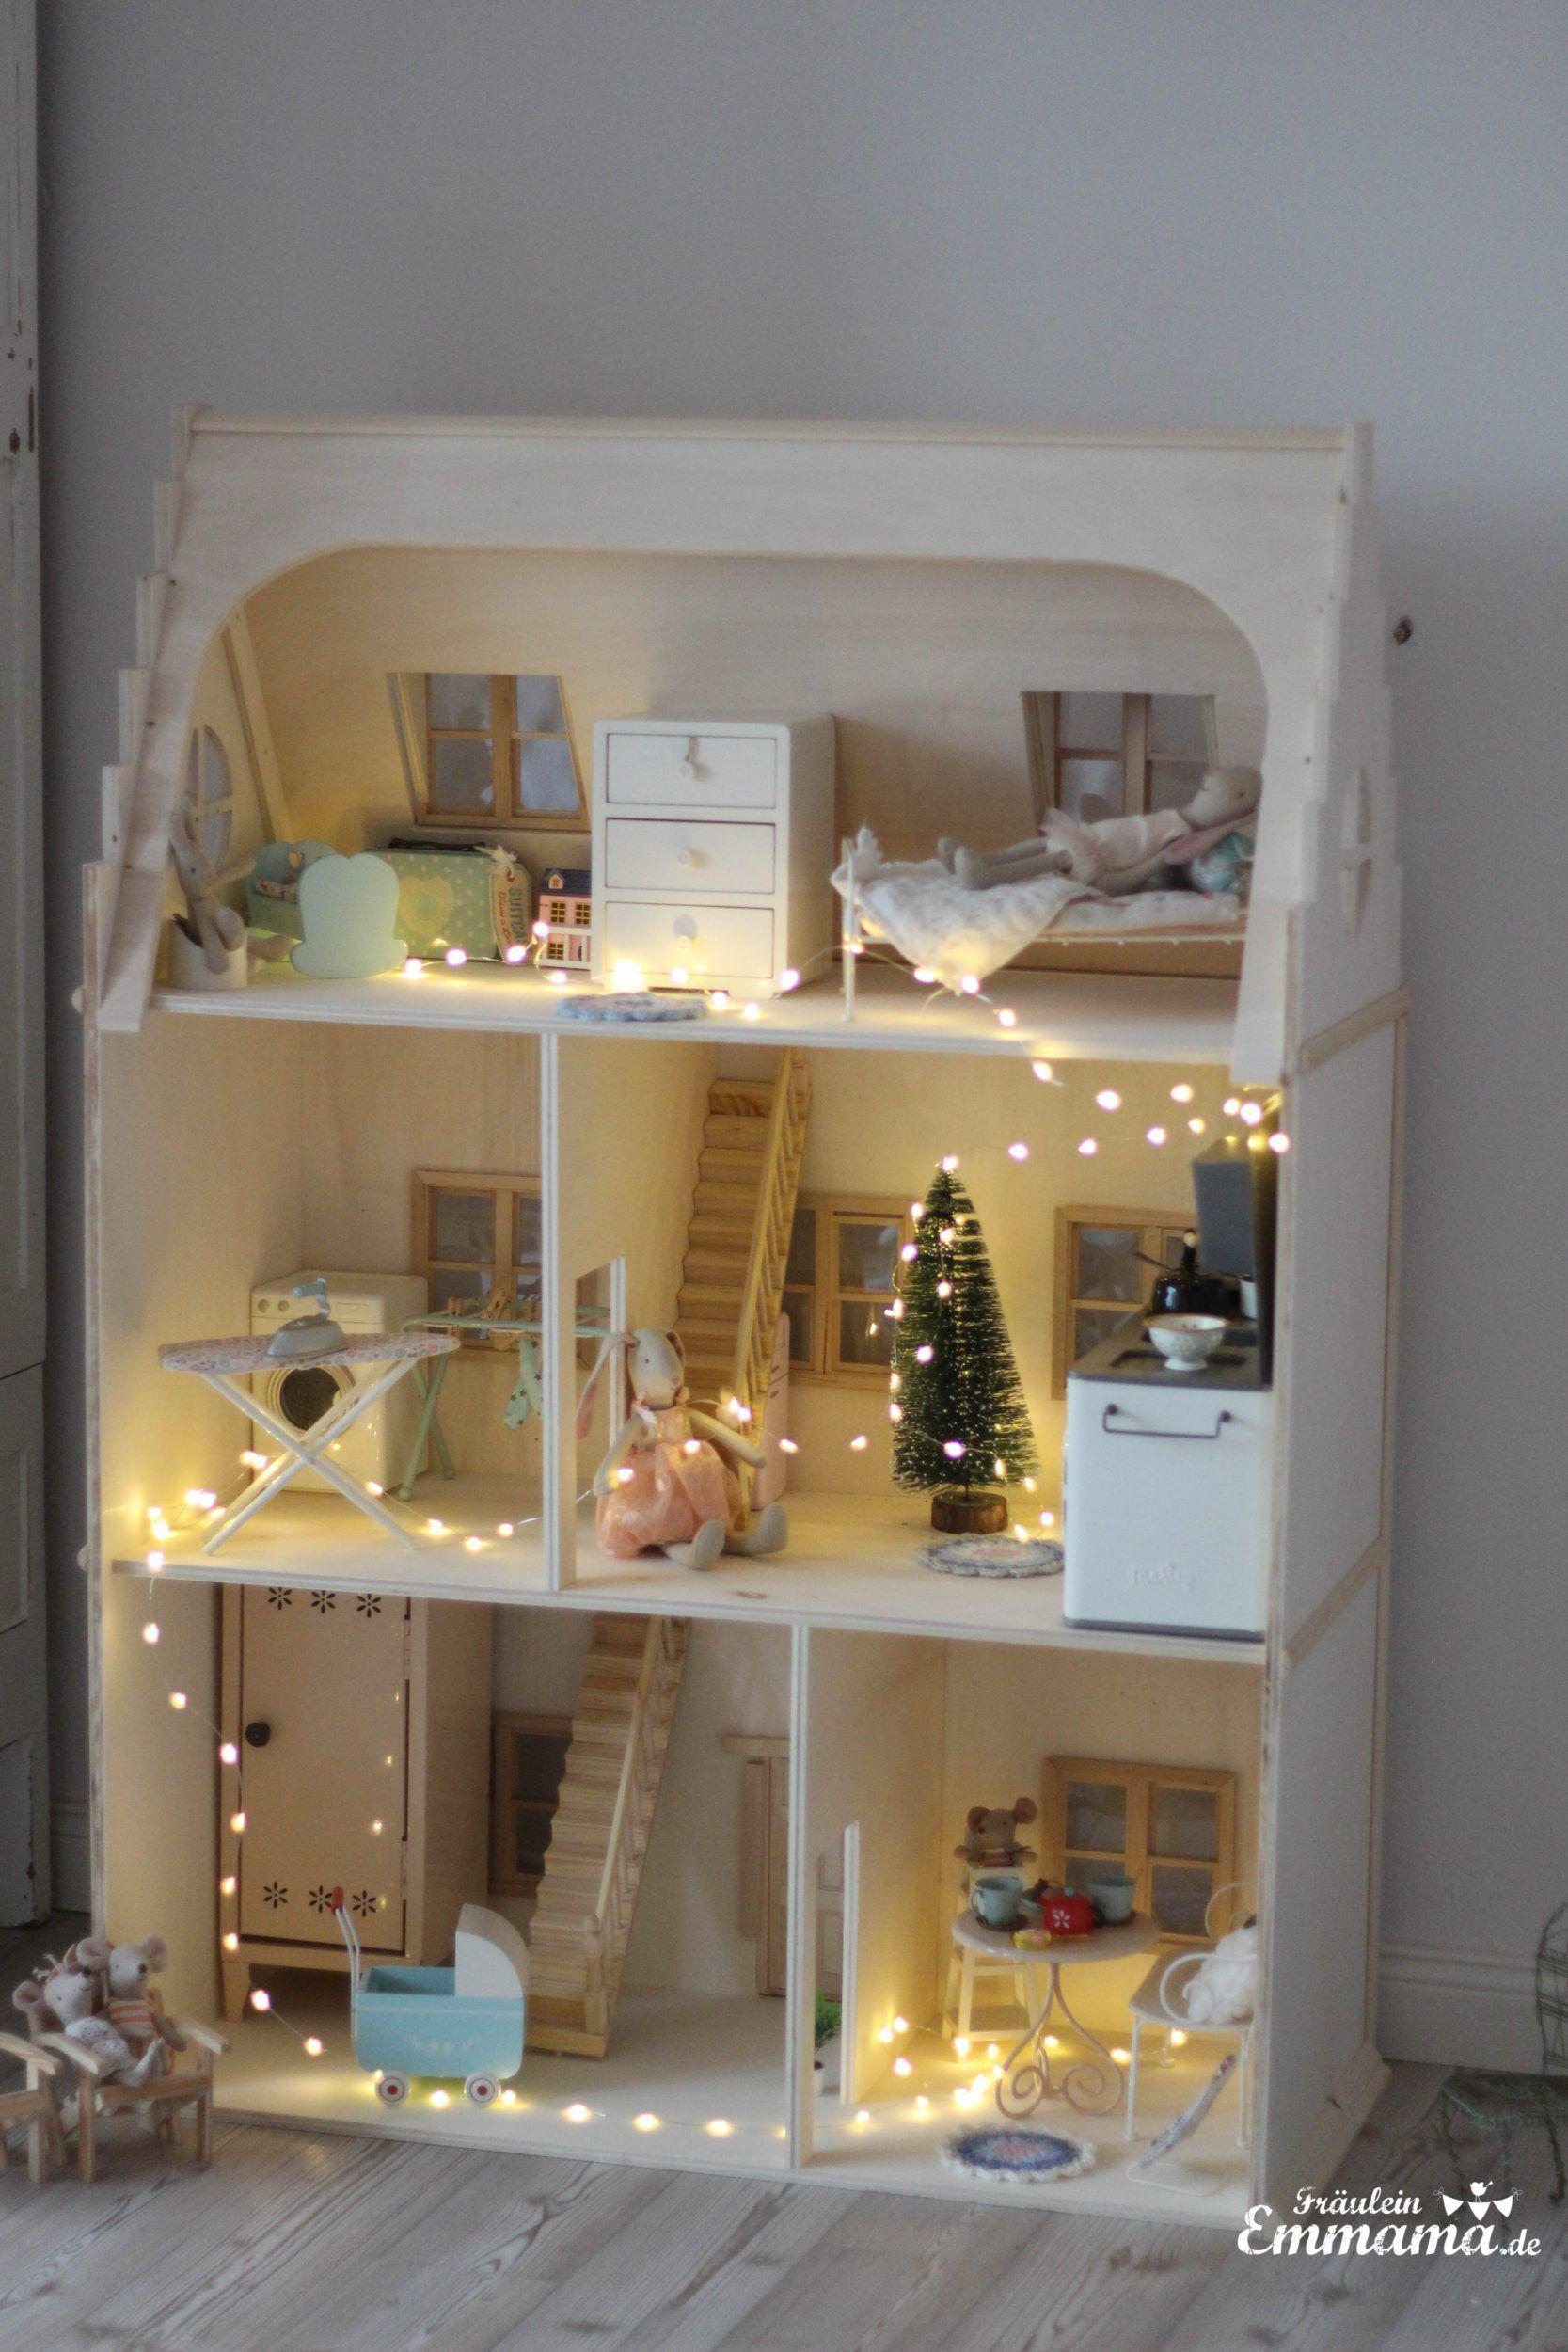 DIY Puppenhaus im viktorianischen Stil für Maileg selber bauen Fräulein Emmama